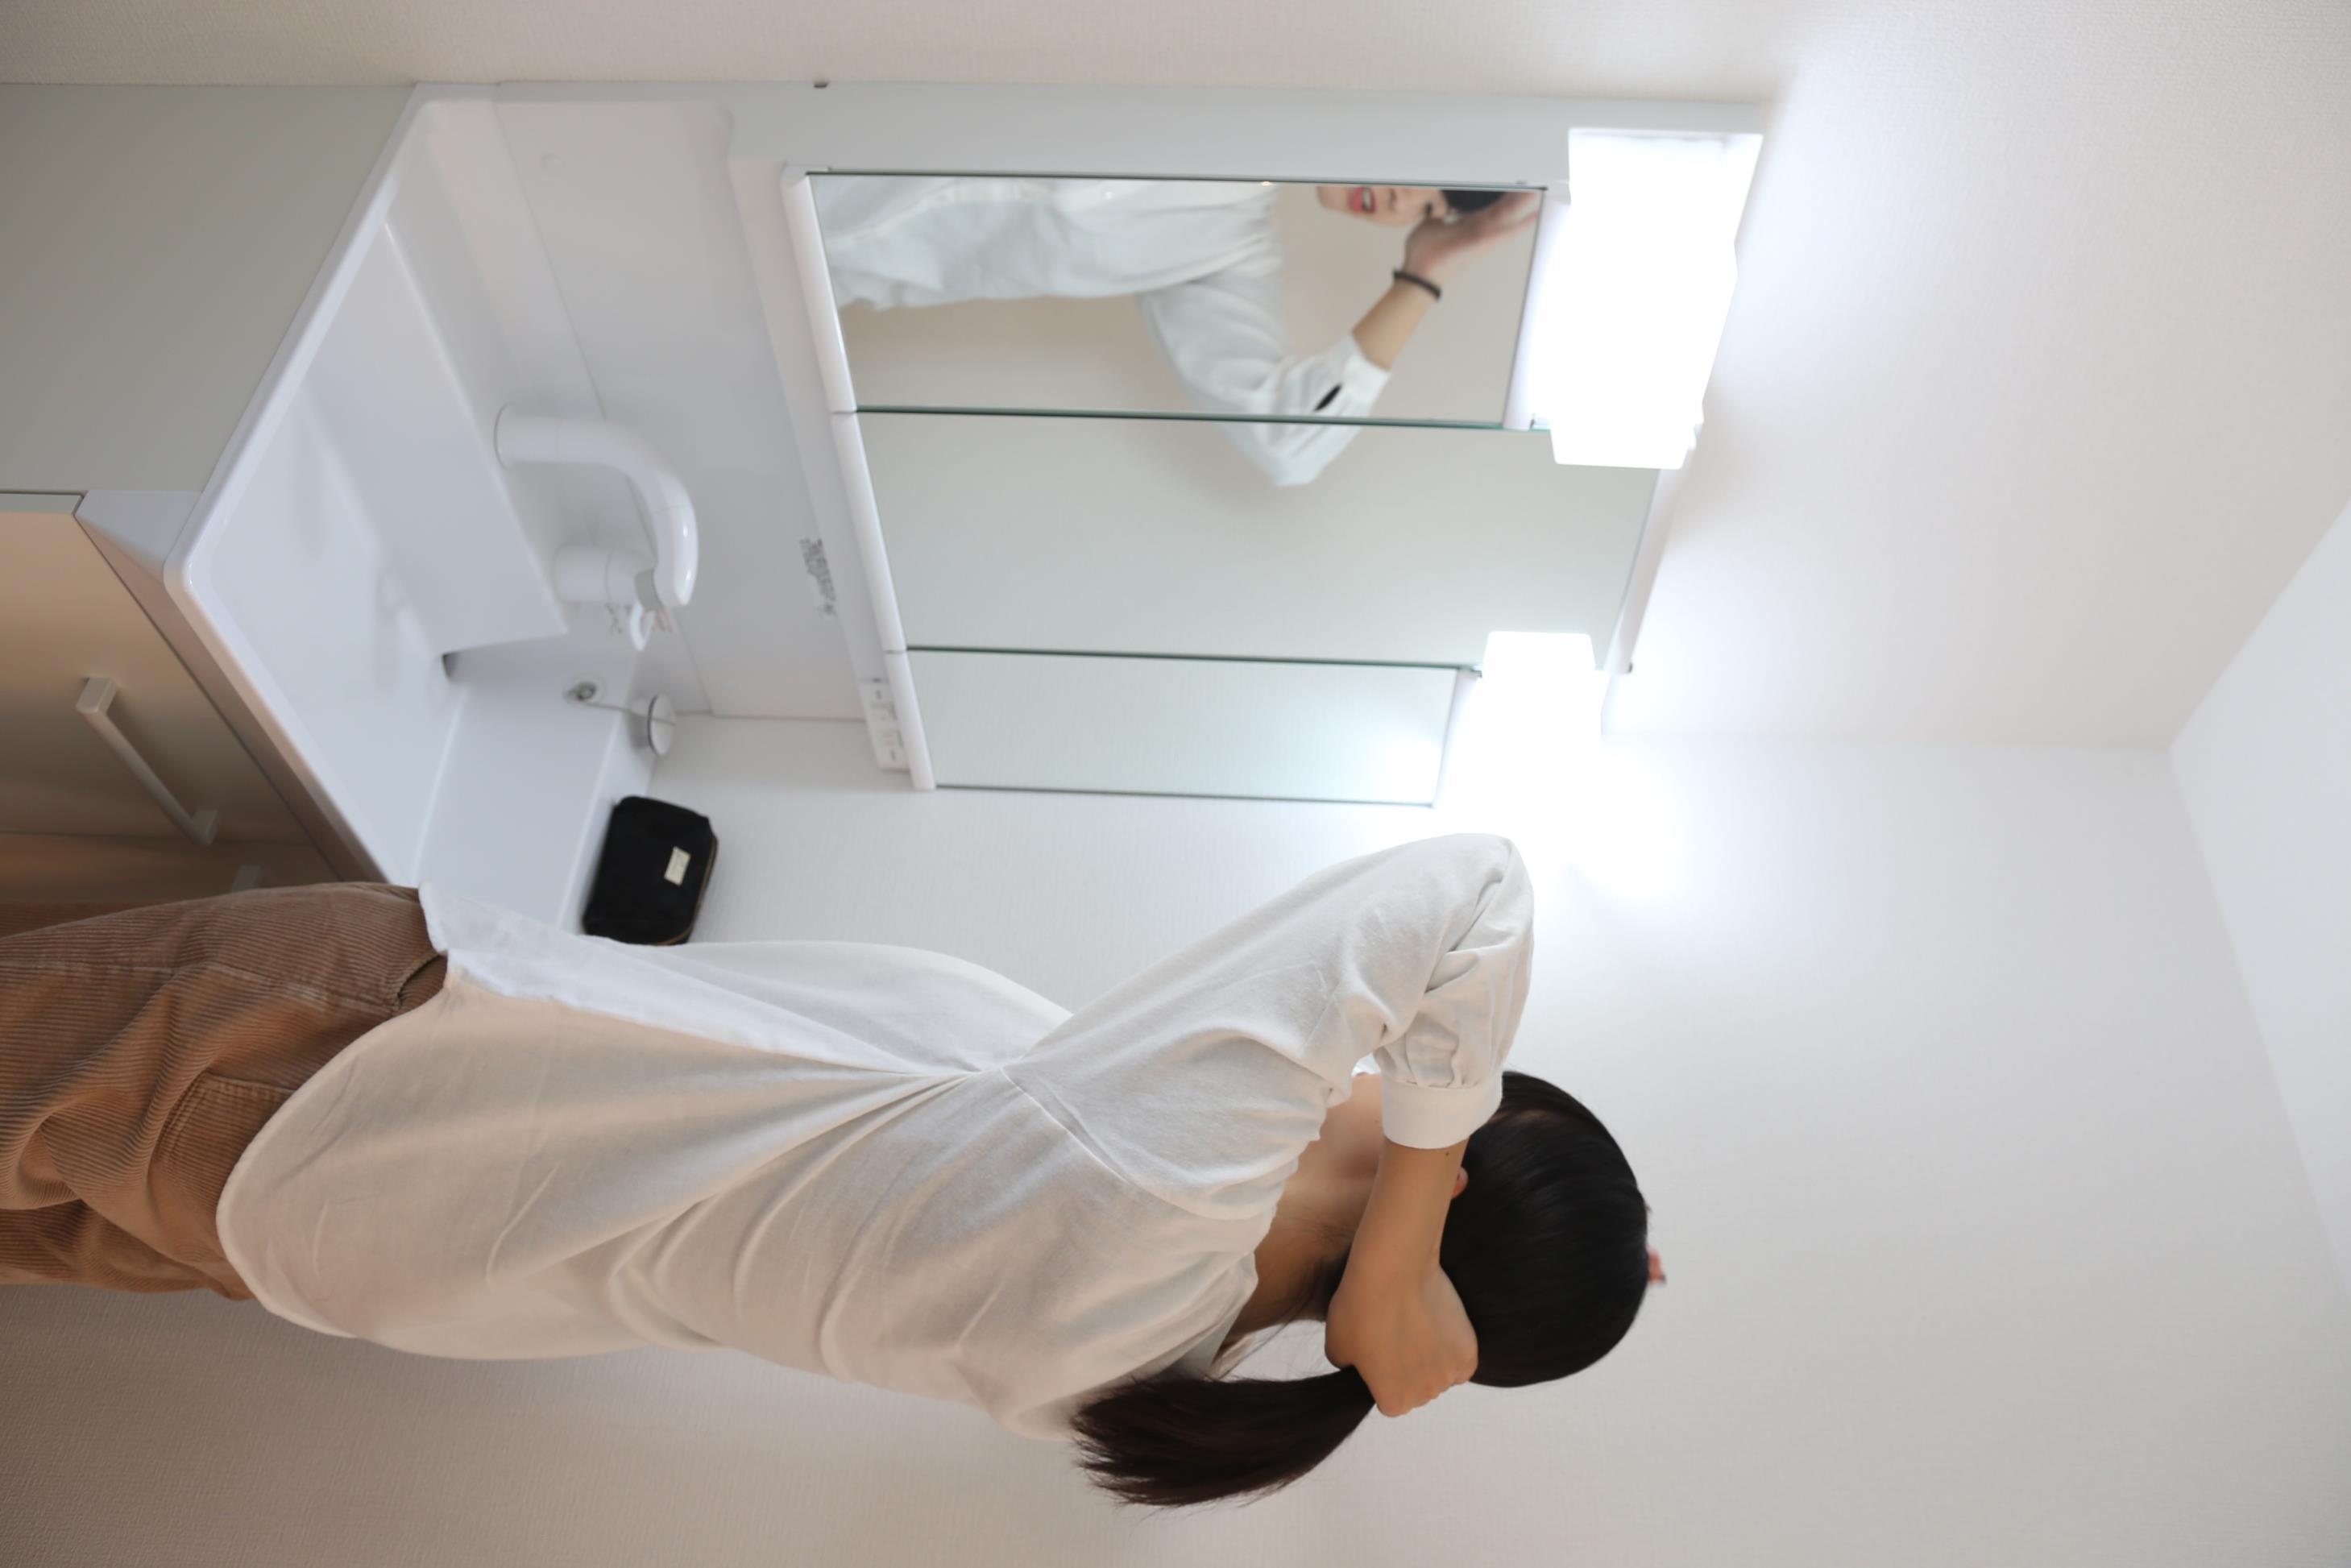 洗面台・洗面所お手入れしやすく使いやすい3面鏡付きの洗面台。収納スペースも広く、洗剤や掃除道具をたっぷりと収納できます。